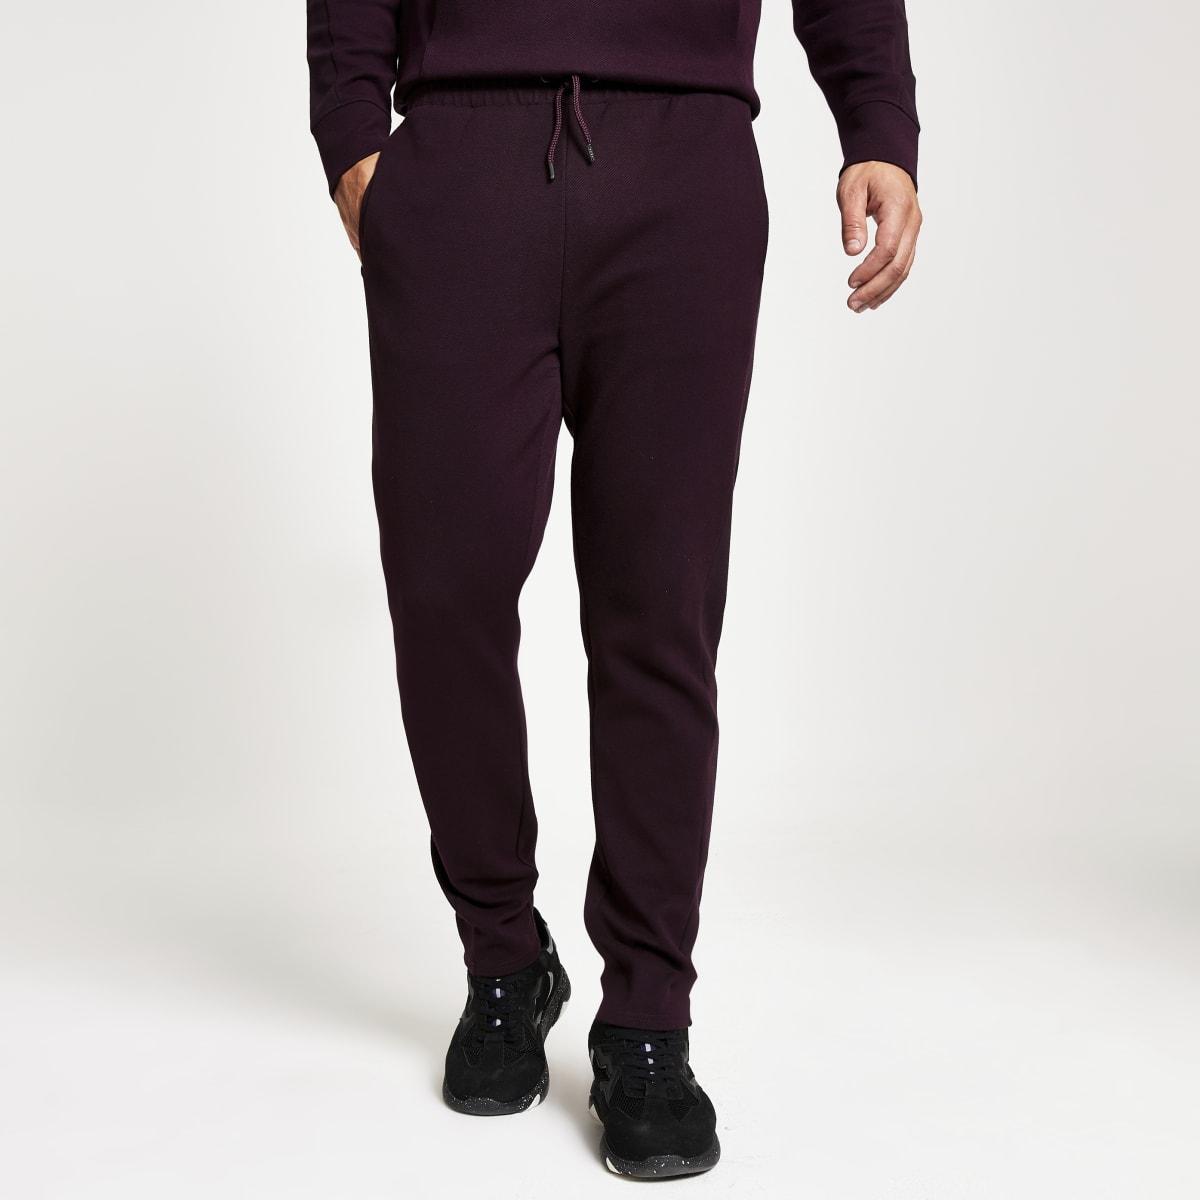 Pantalon de jogging slim en sergé rouge foncé